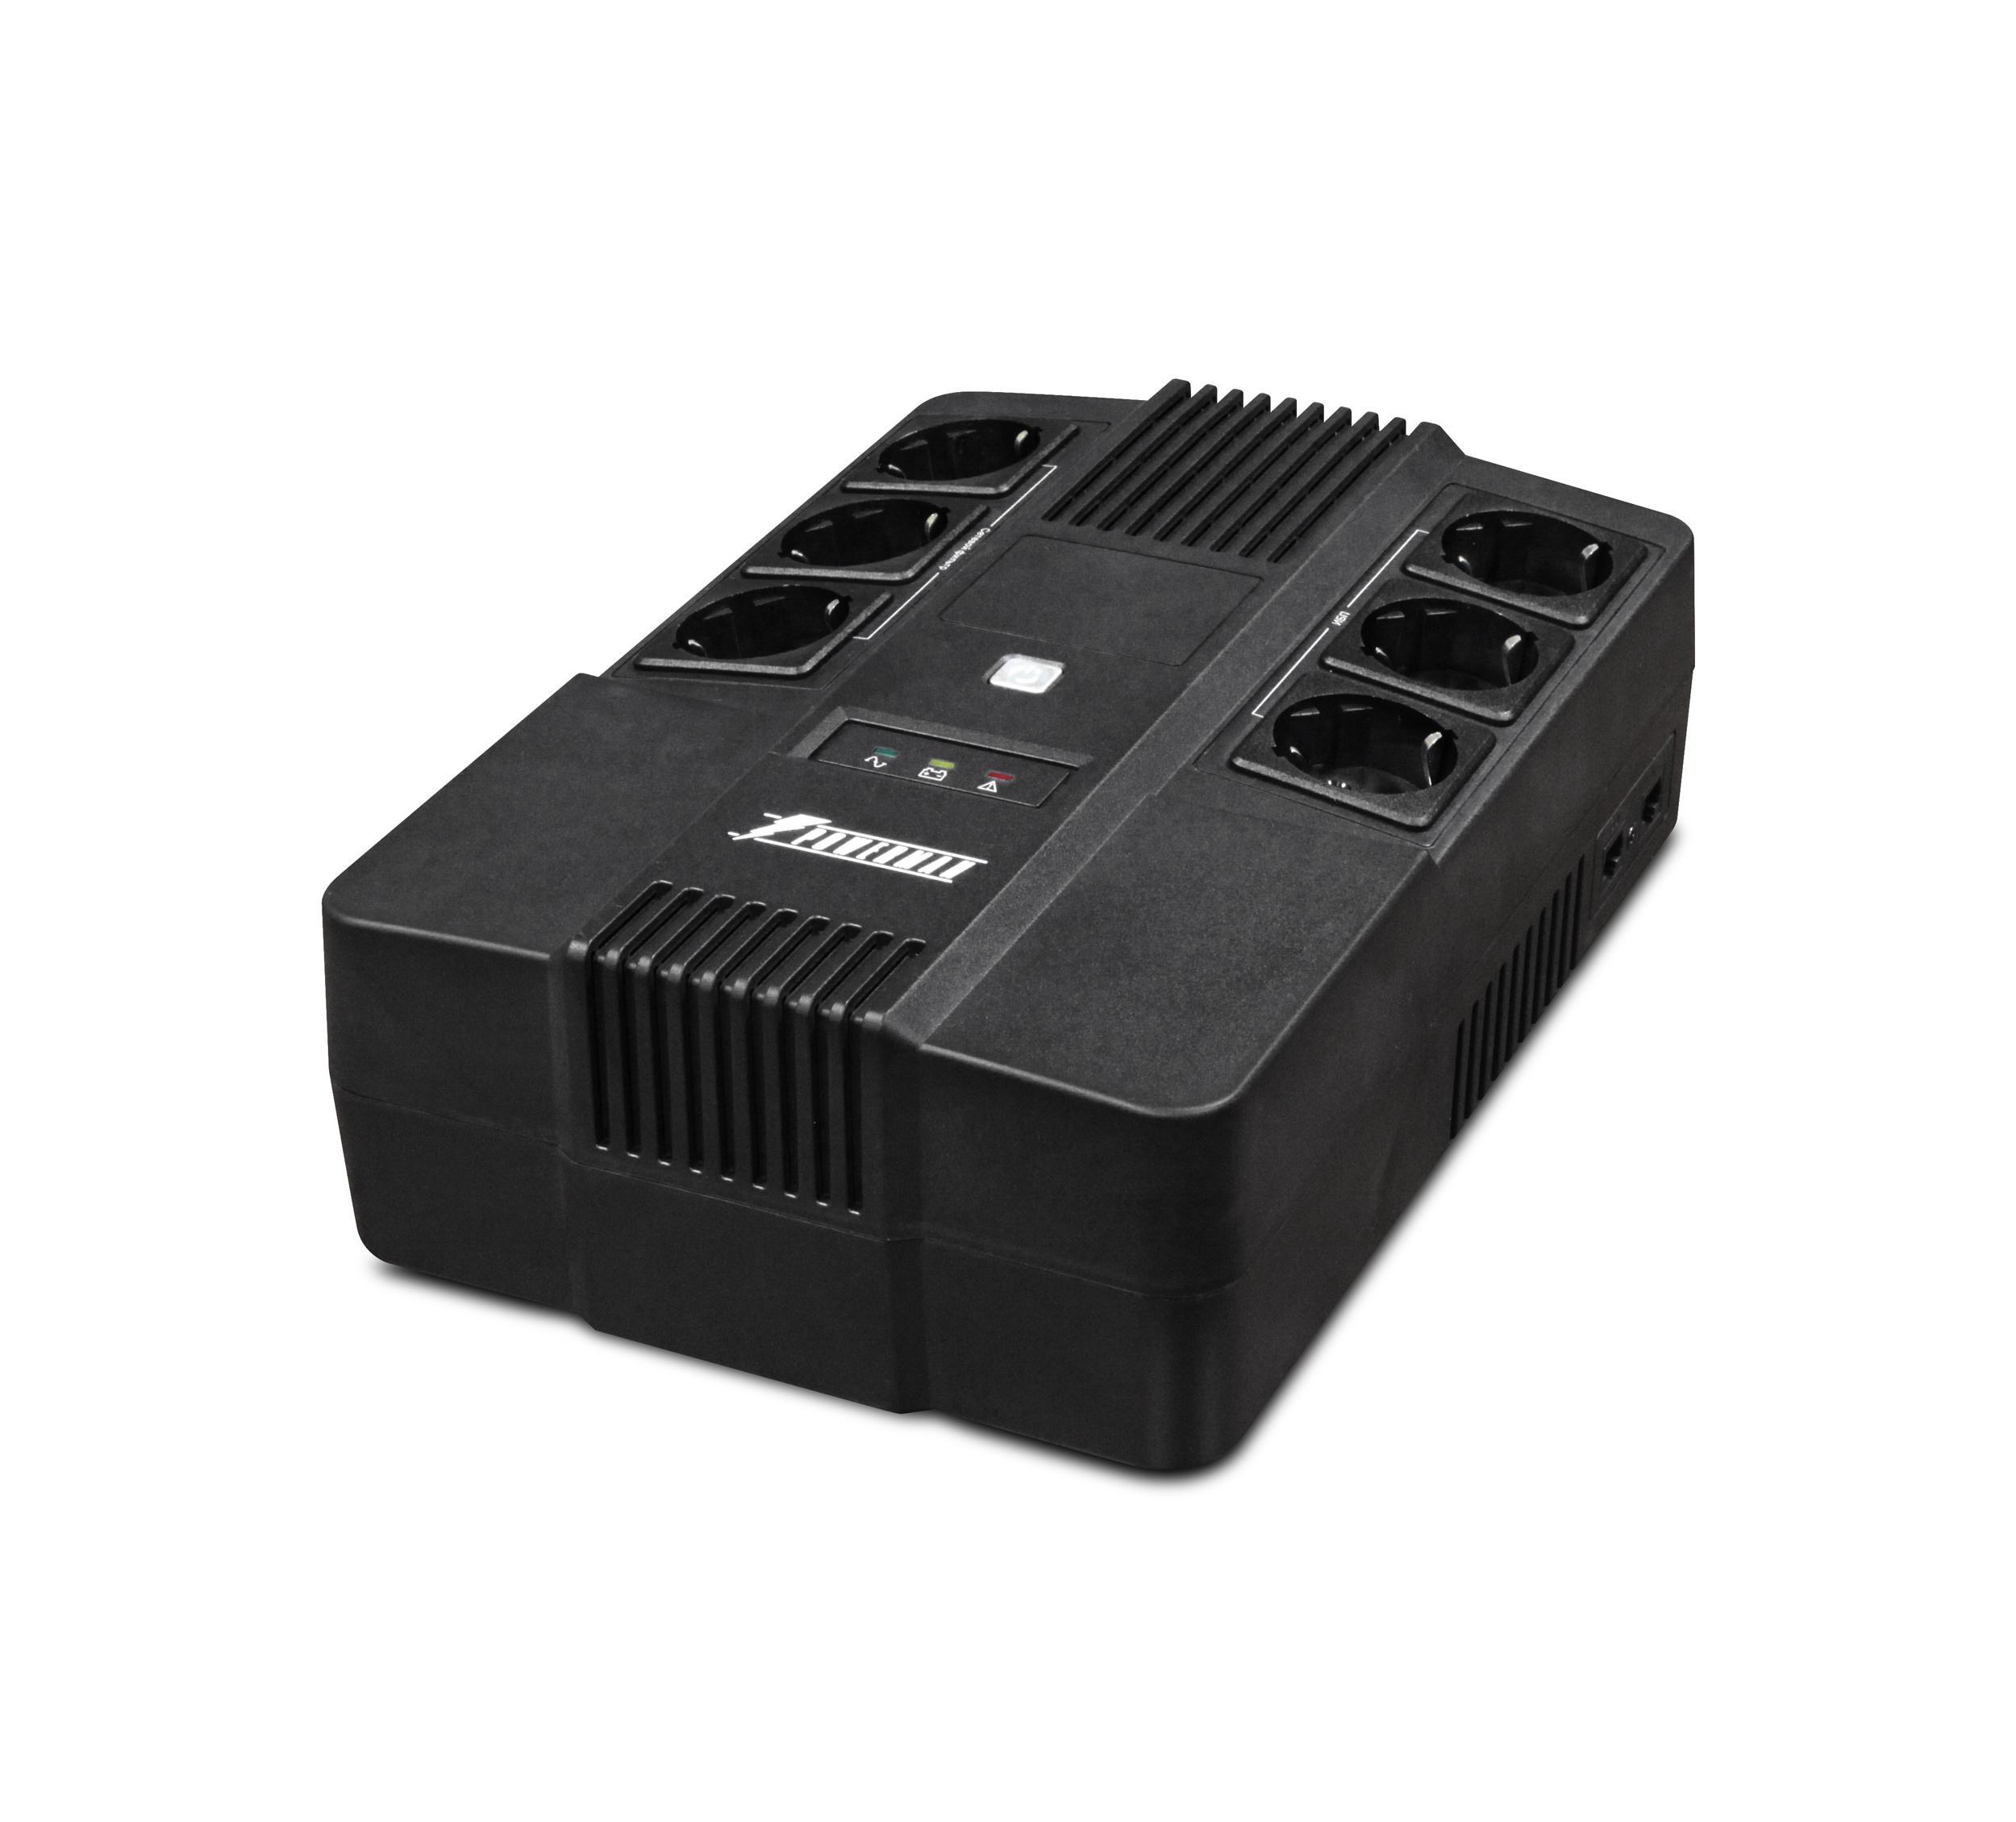 Источник бесперебойного питания Powerman Brick 600 ибп fsp aga 600 600va 360w 3 3 euro